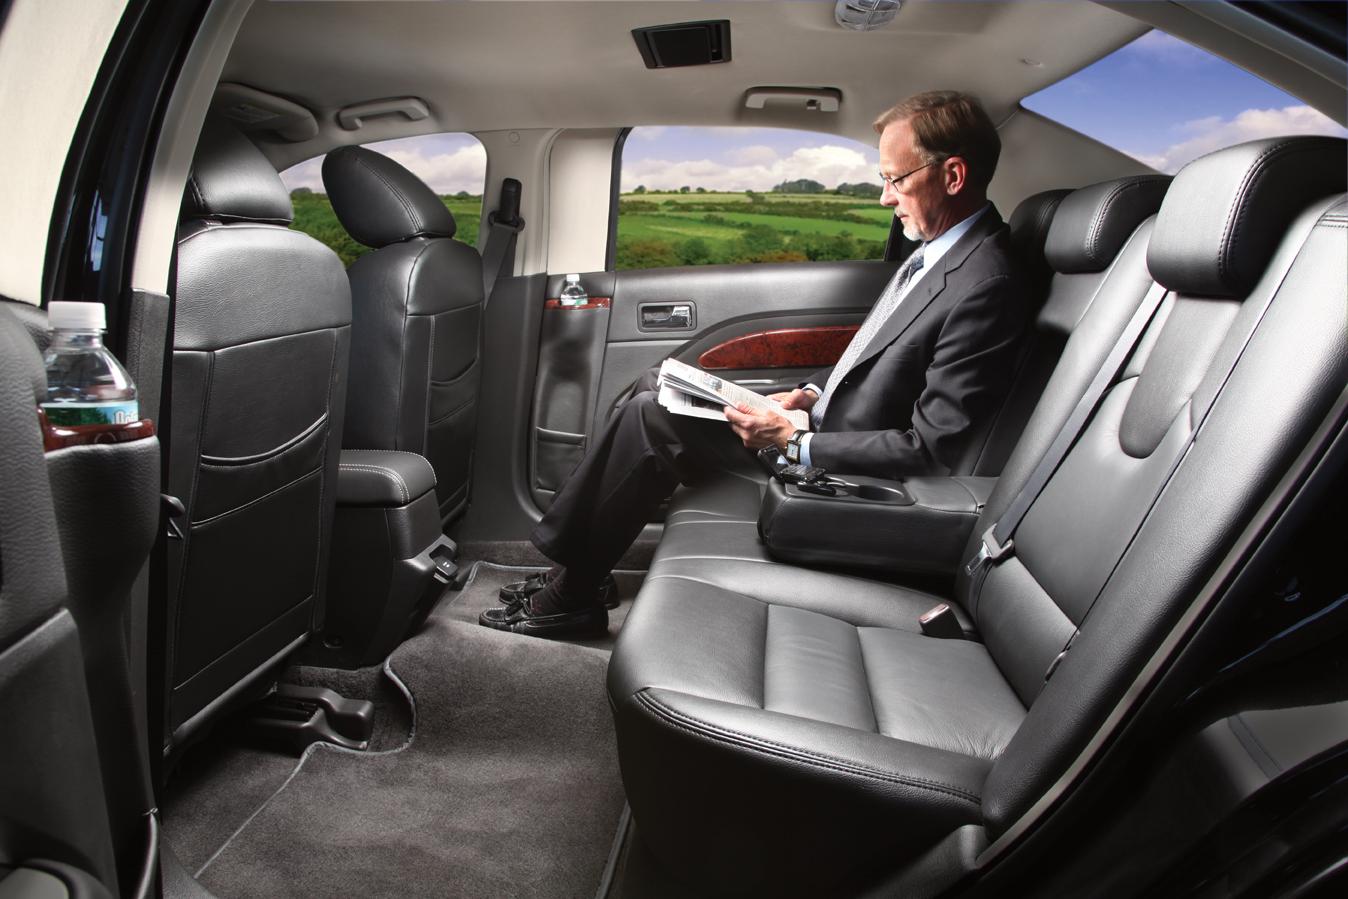 luxury sedan island coast transportation. Black Bedroom Furniture Sets. Home Design Ideas